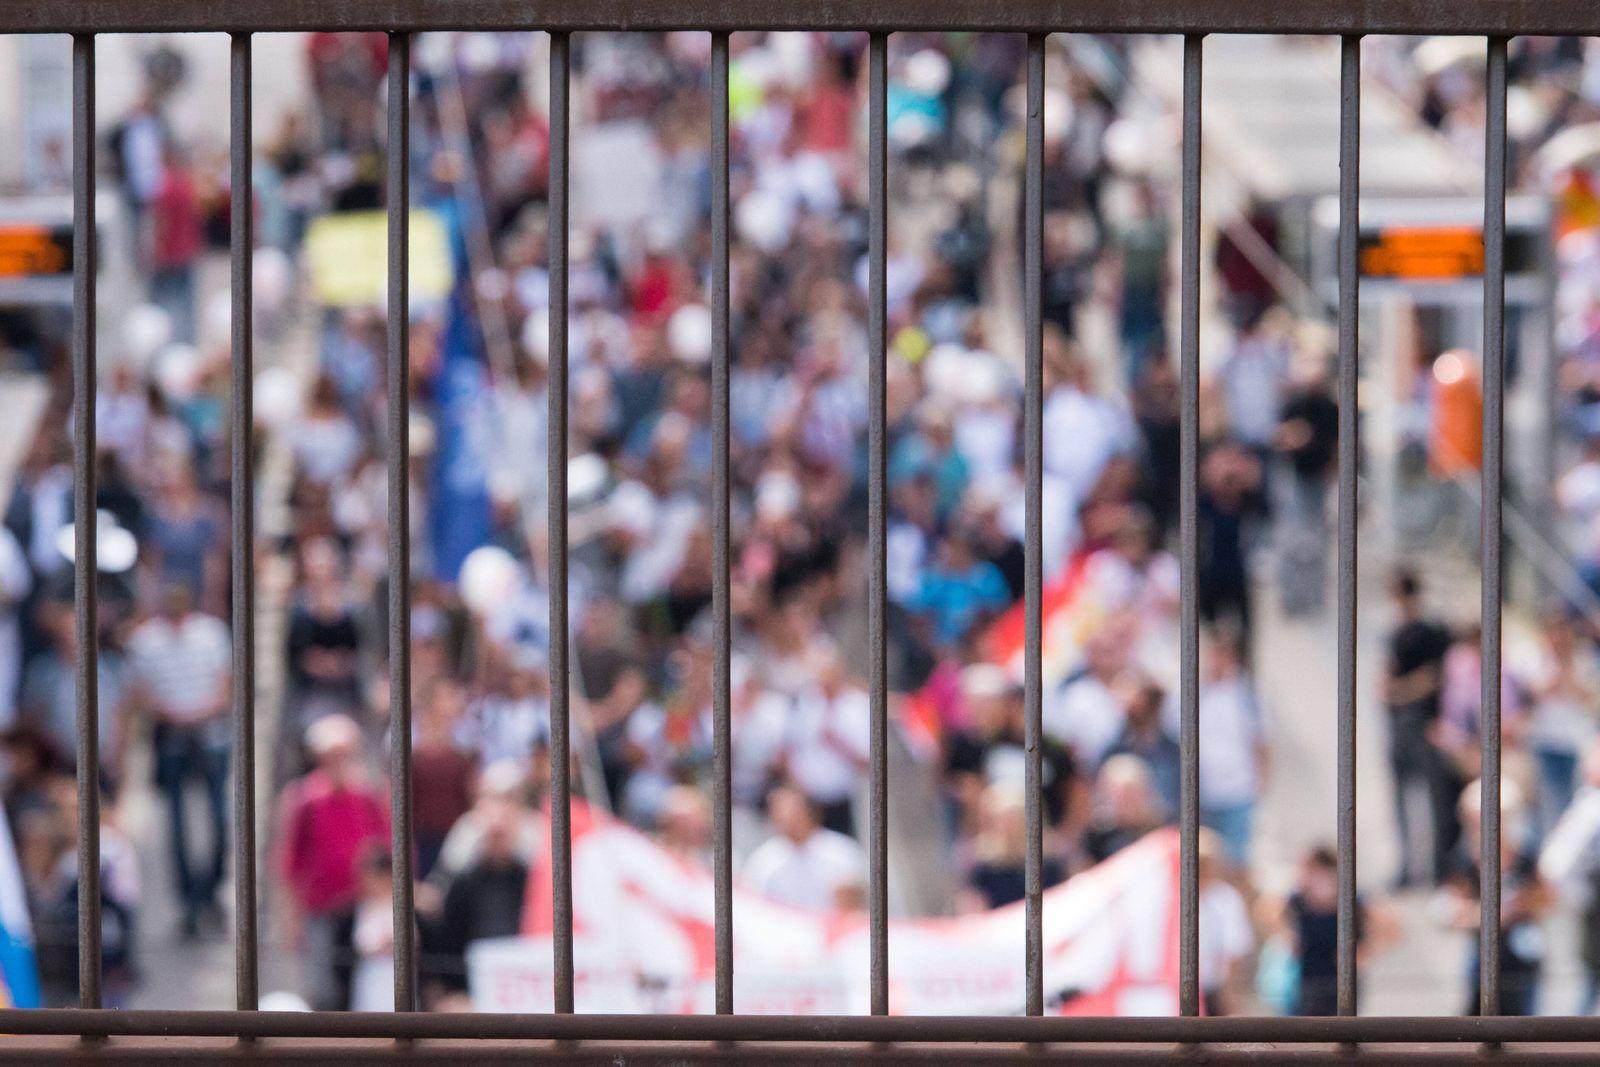 Berlin, Demo gegen die aktuelle Coronapolitik Deutschland, Berlin - 29.08.2020: Im Bild ist die Demo durch ein Gitter z